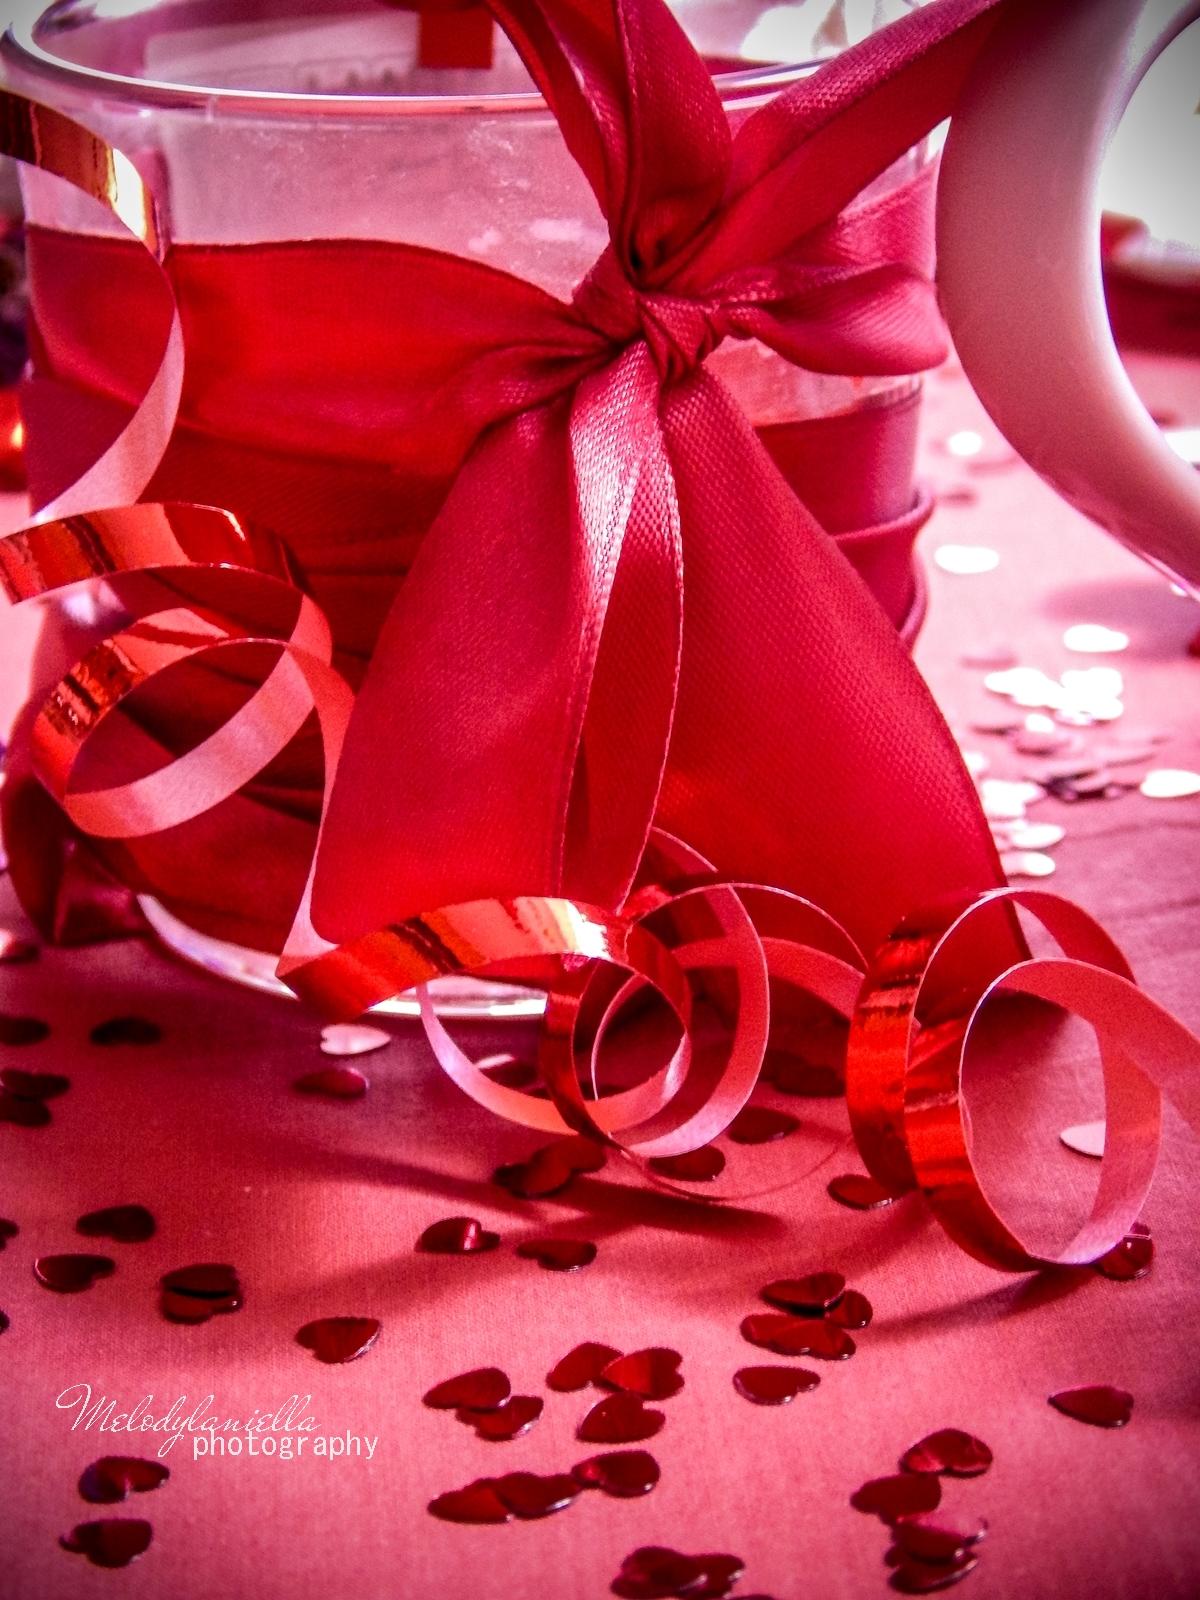 18 jak udekorować stół na walentynki walentynkowa kolacja pomysły na walentynkowe prezenty walentynkowe dekoracje home interior valentines blog melodylaniella partybox red